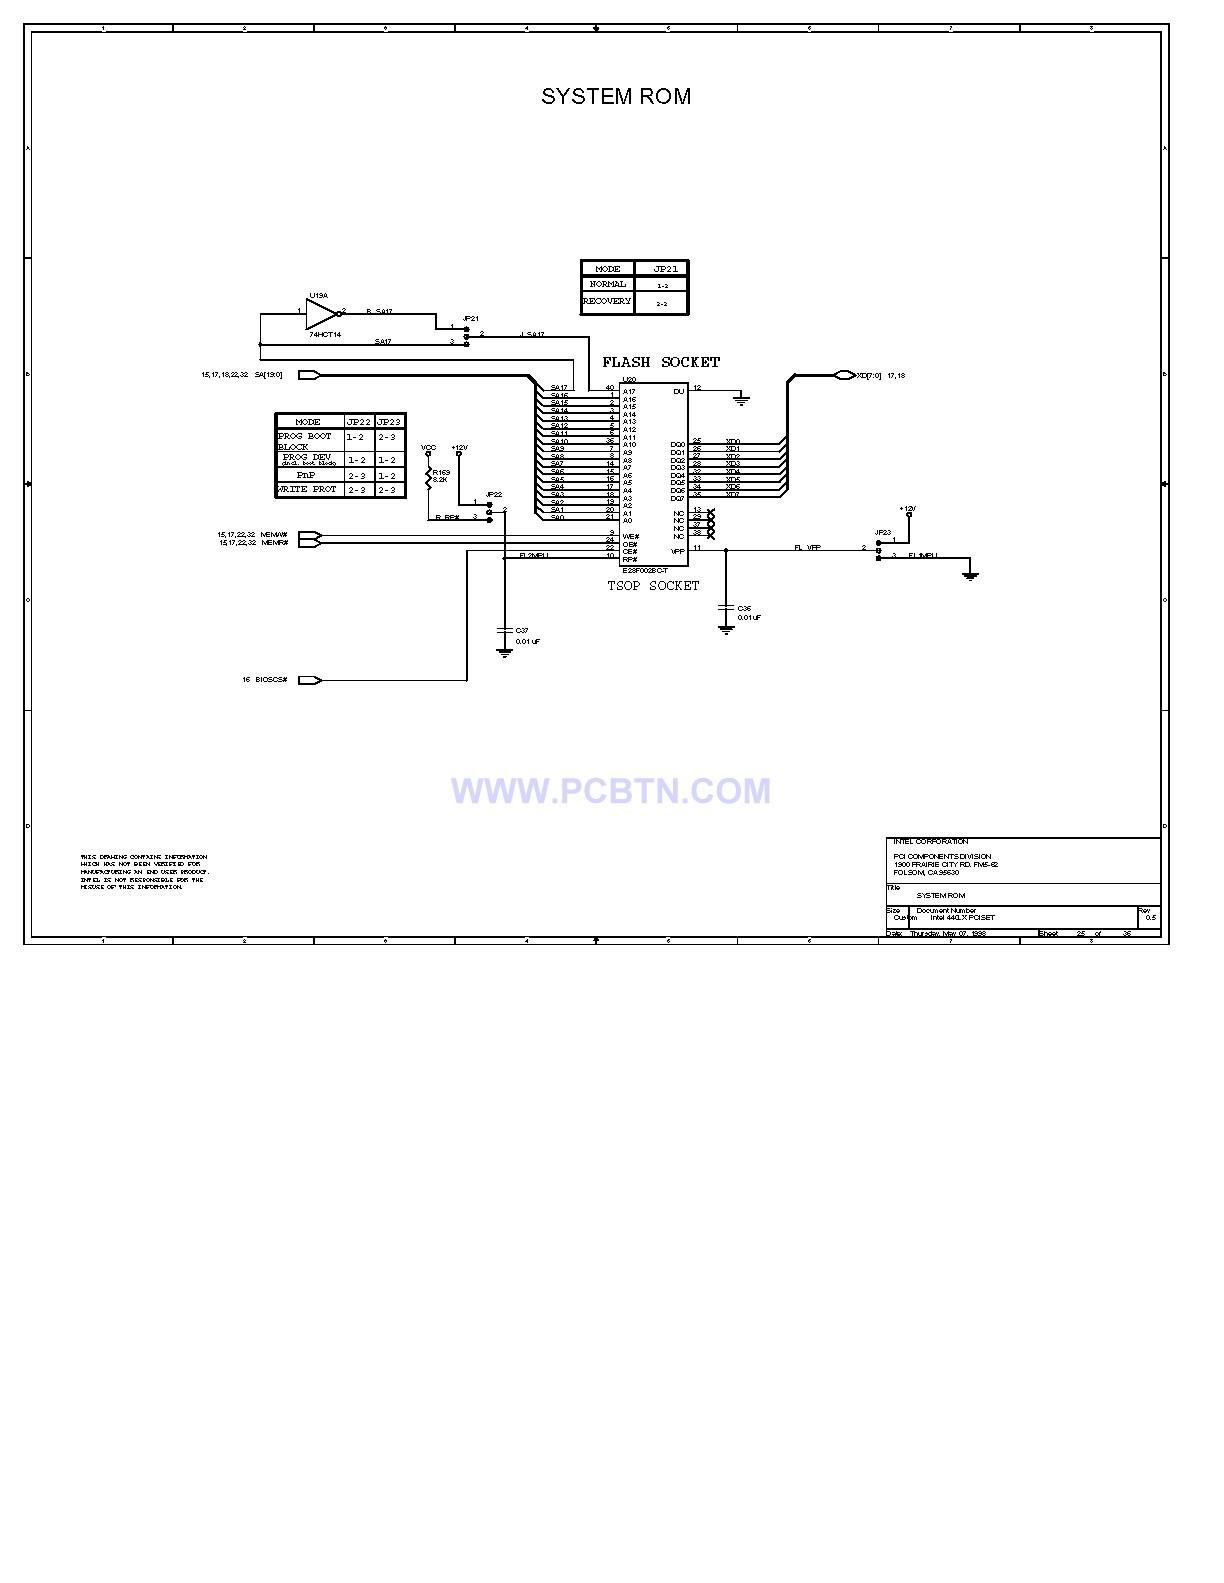 电脑主板设计图440lx[_]25